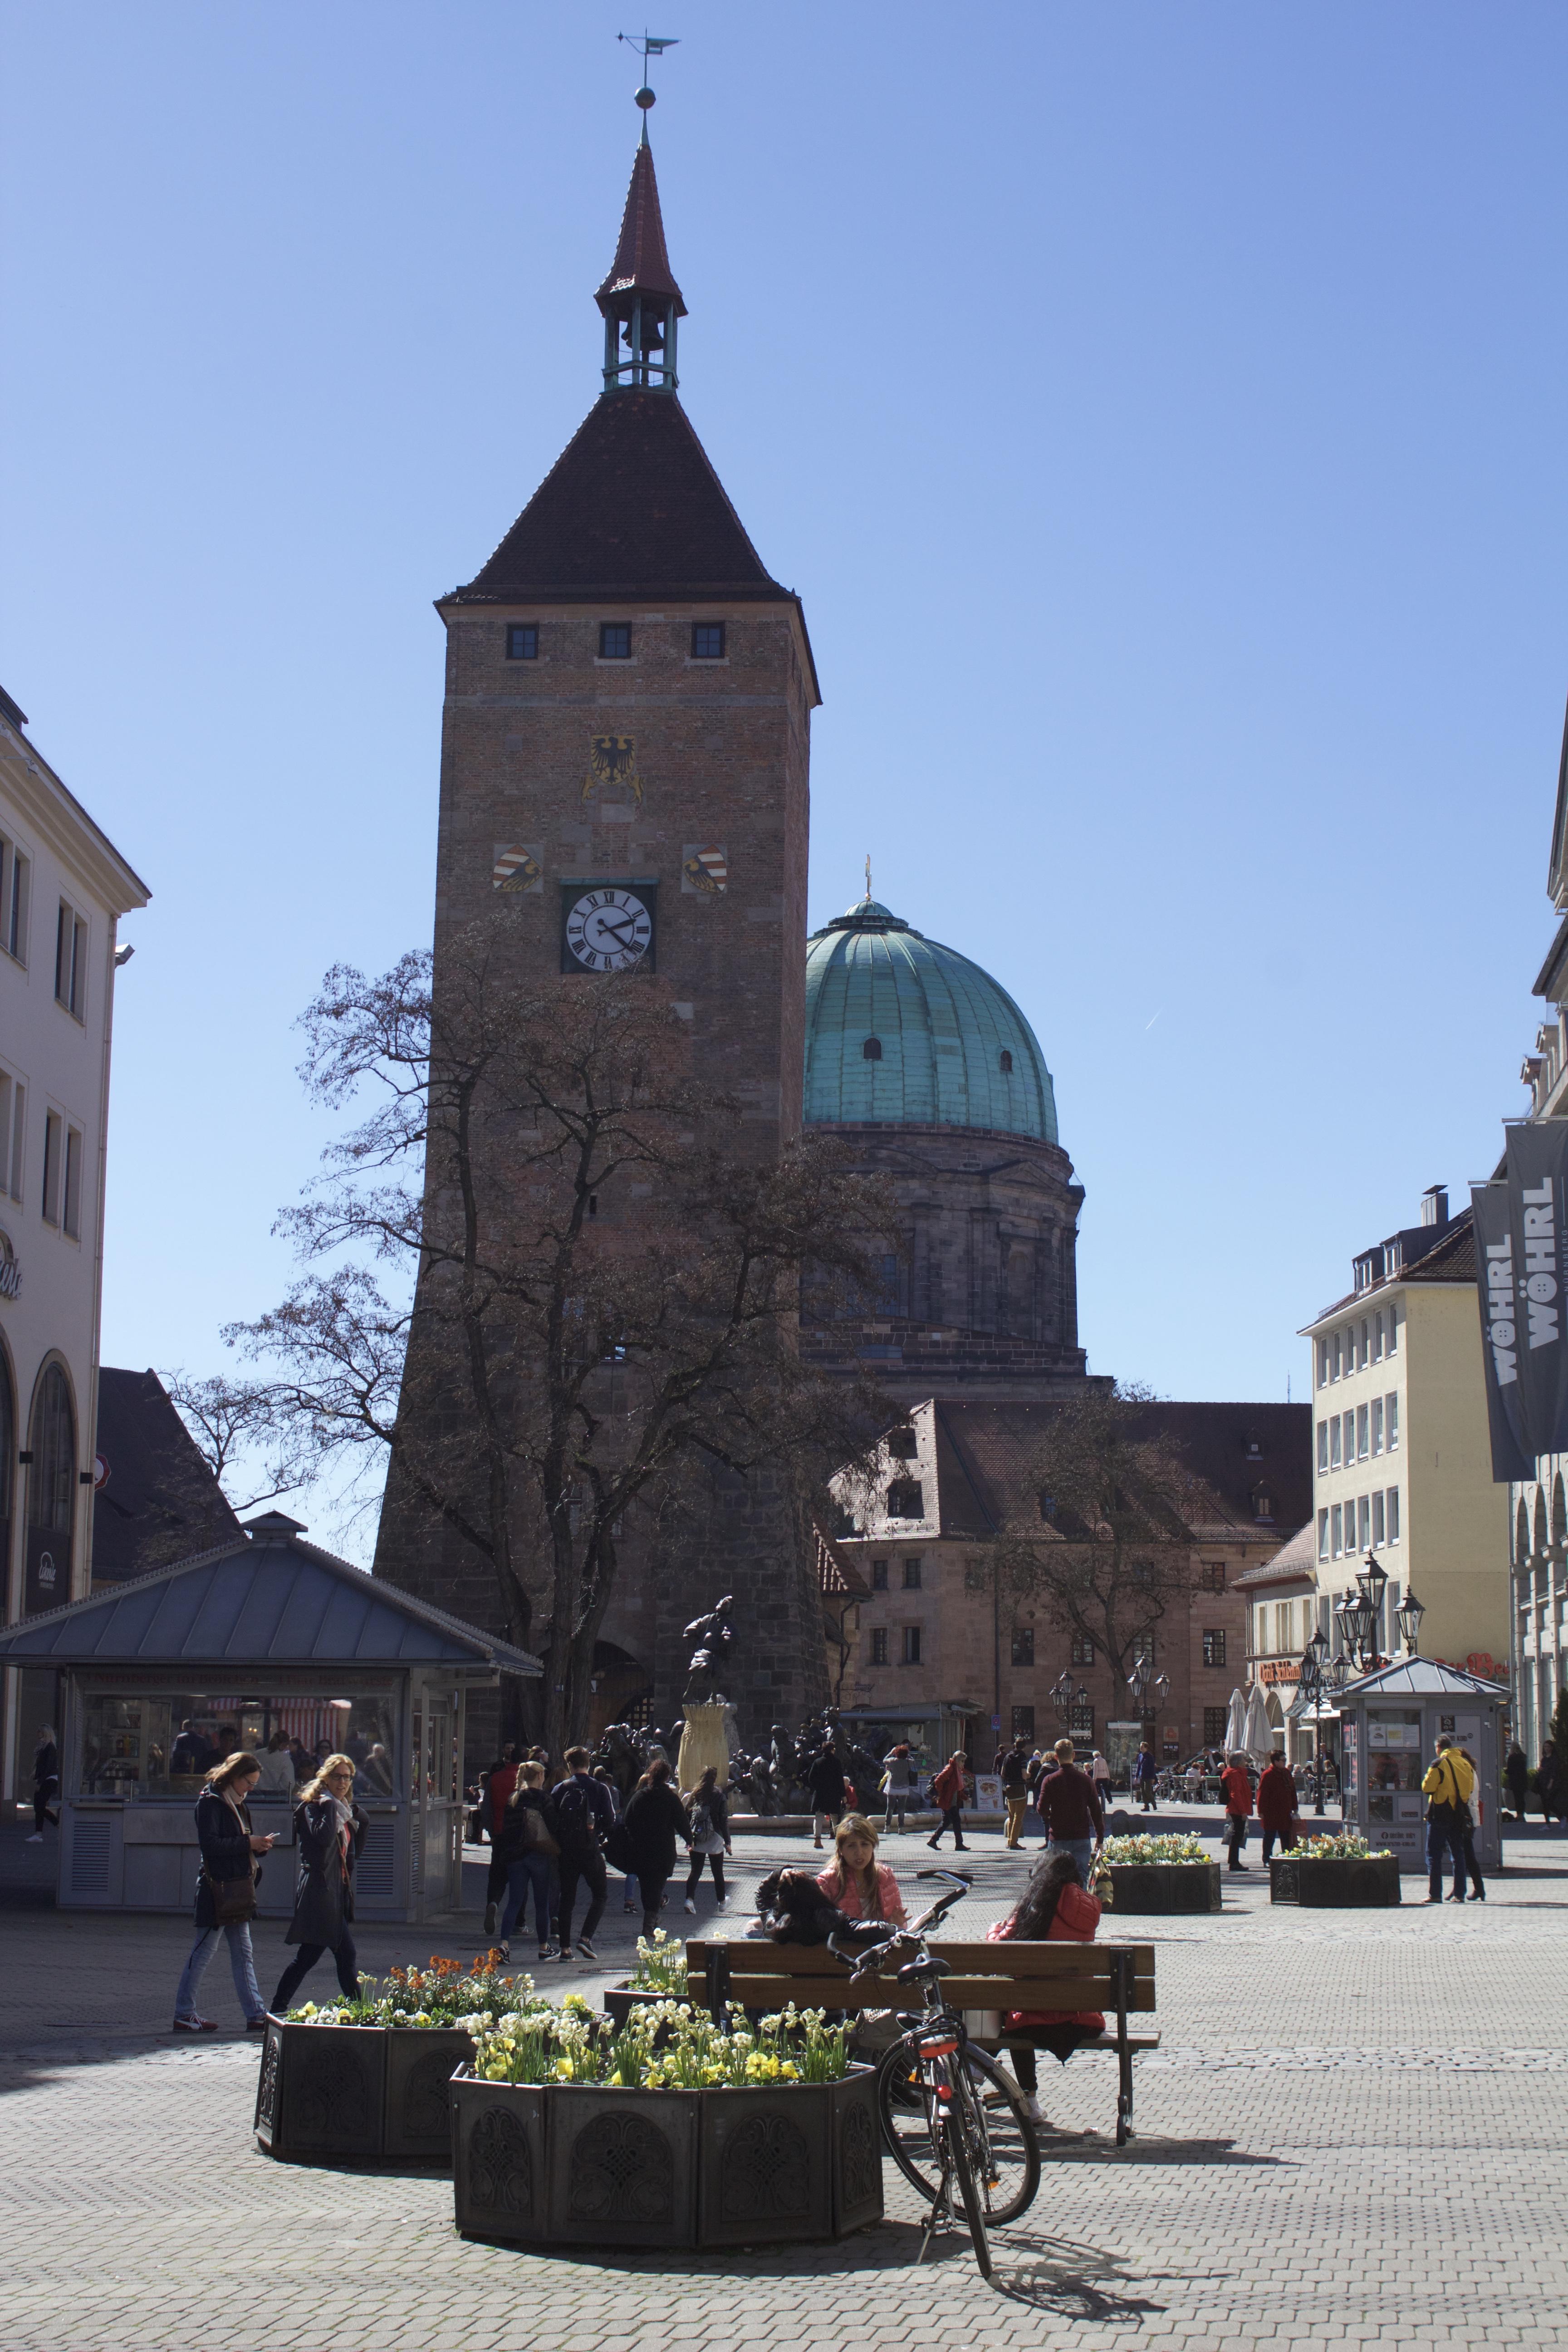 Church in Nuremberg, Germay